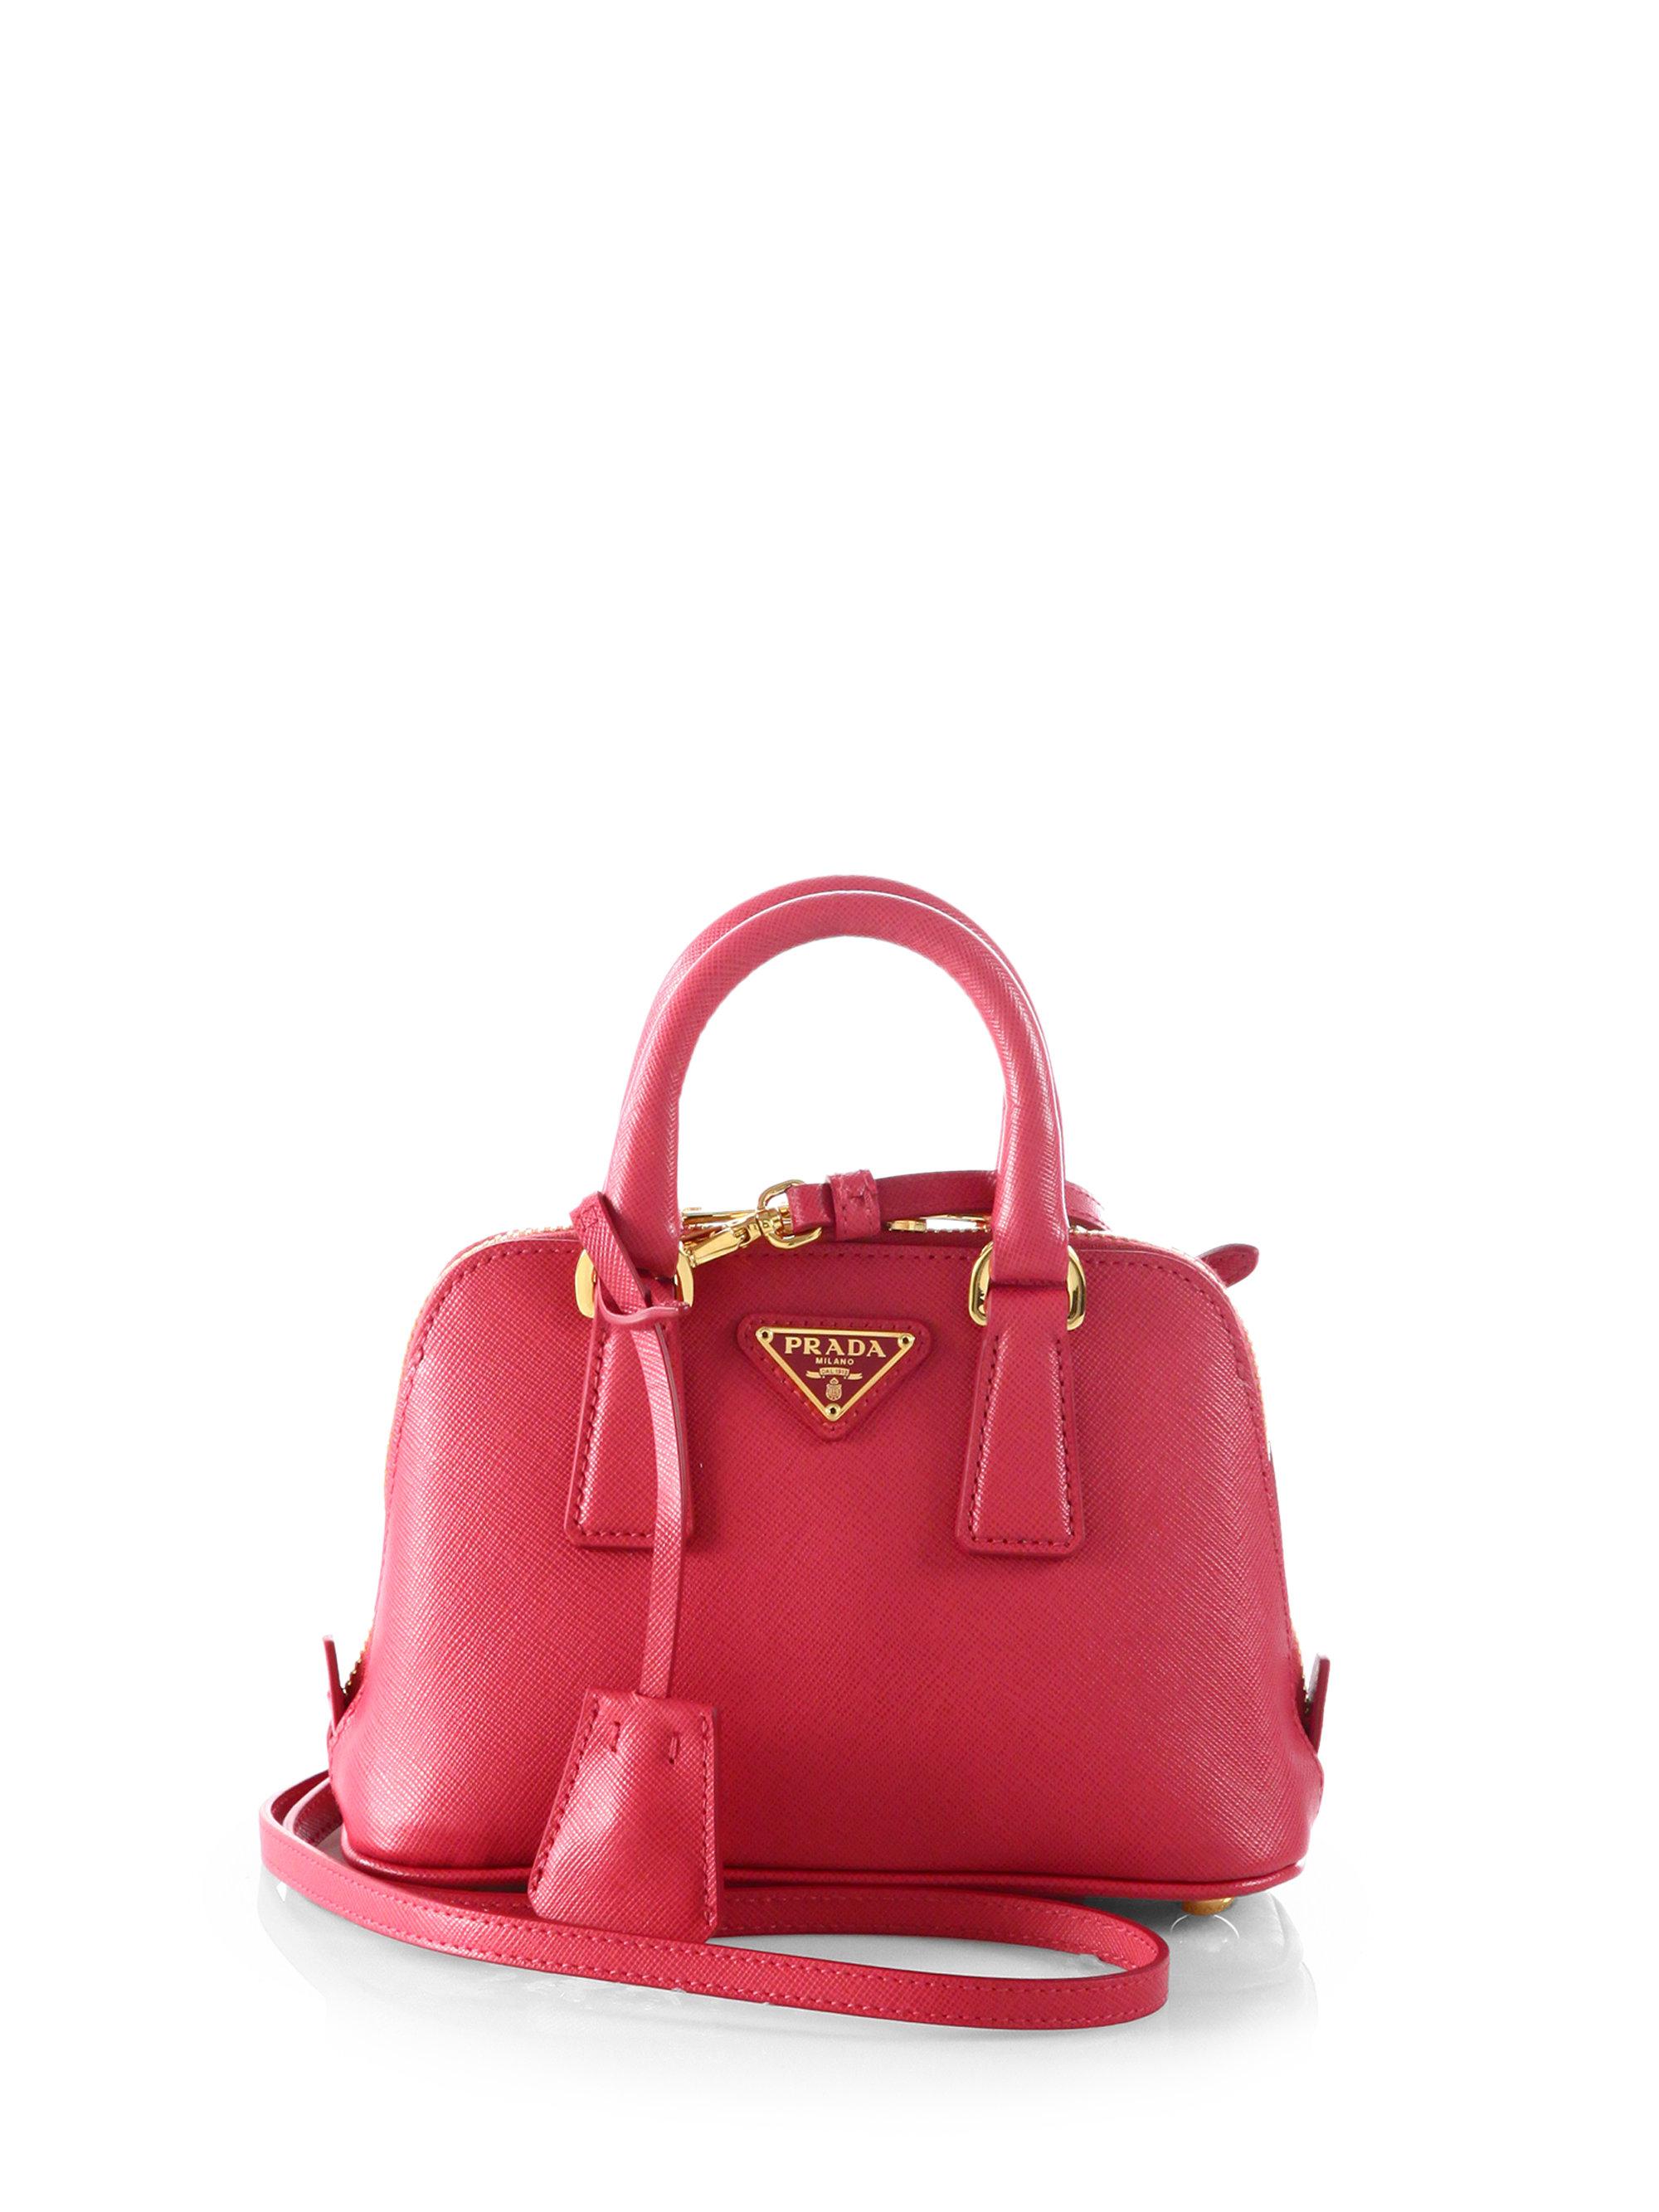 02deb6d0a902 ... shoulder bag reebonz 8a372 c5bea new zealand lyst prada saffiano lux  double handle mini satchel in pink 6f57d 419b8 ...